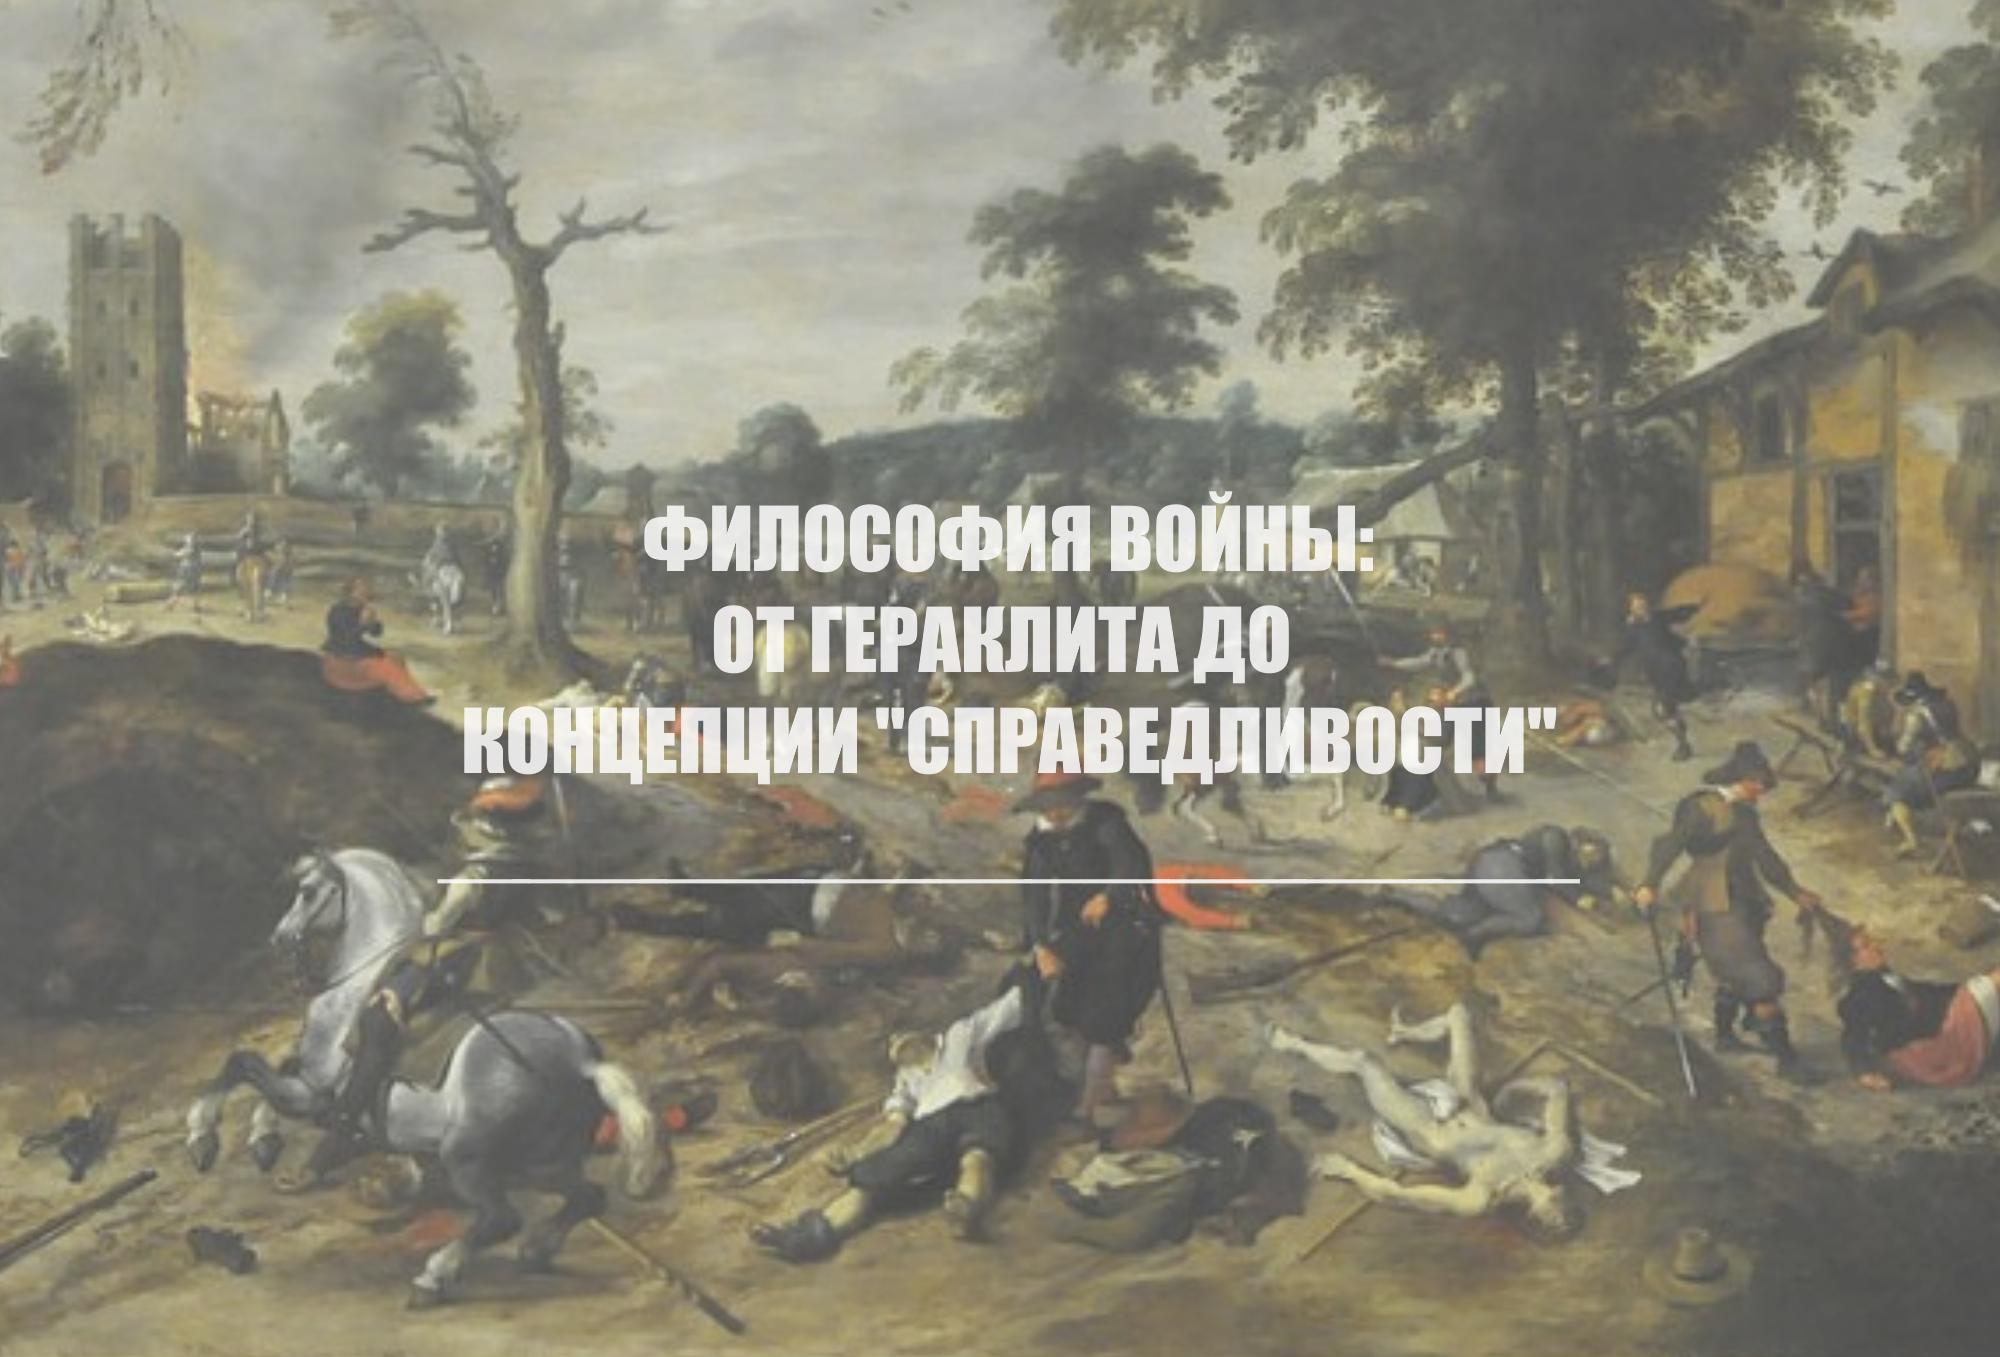 Философия войны: От Гераклита до концепции «справедливости» (17 октября)